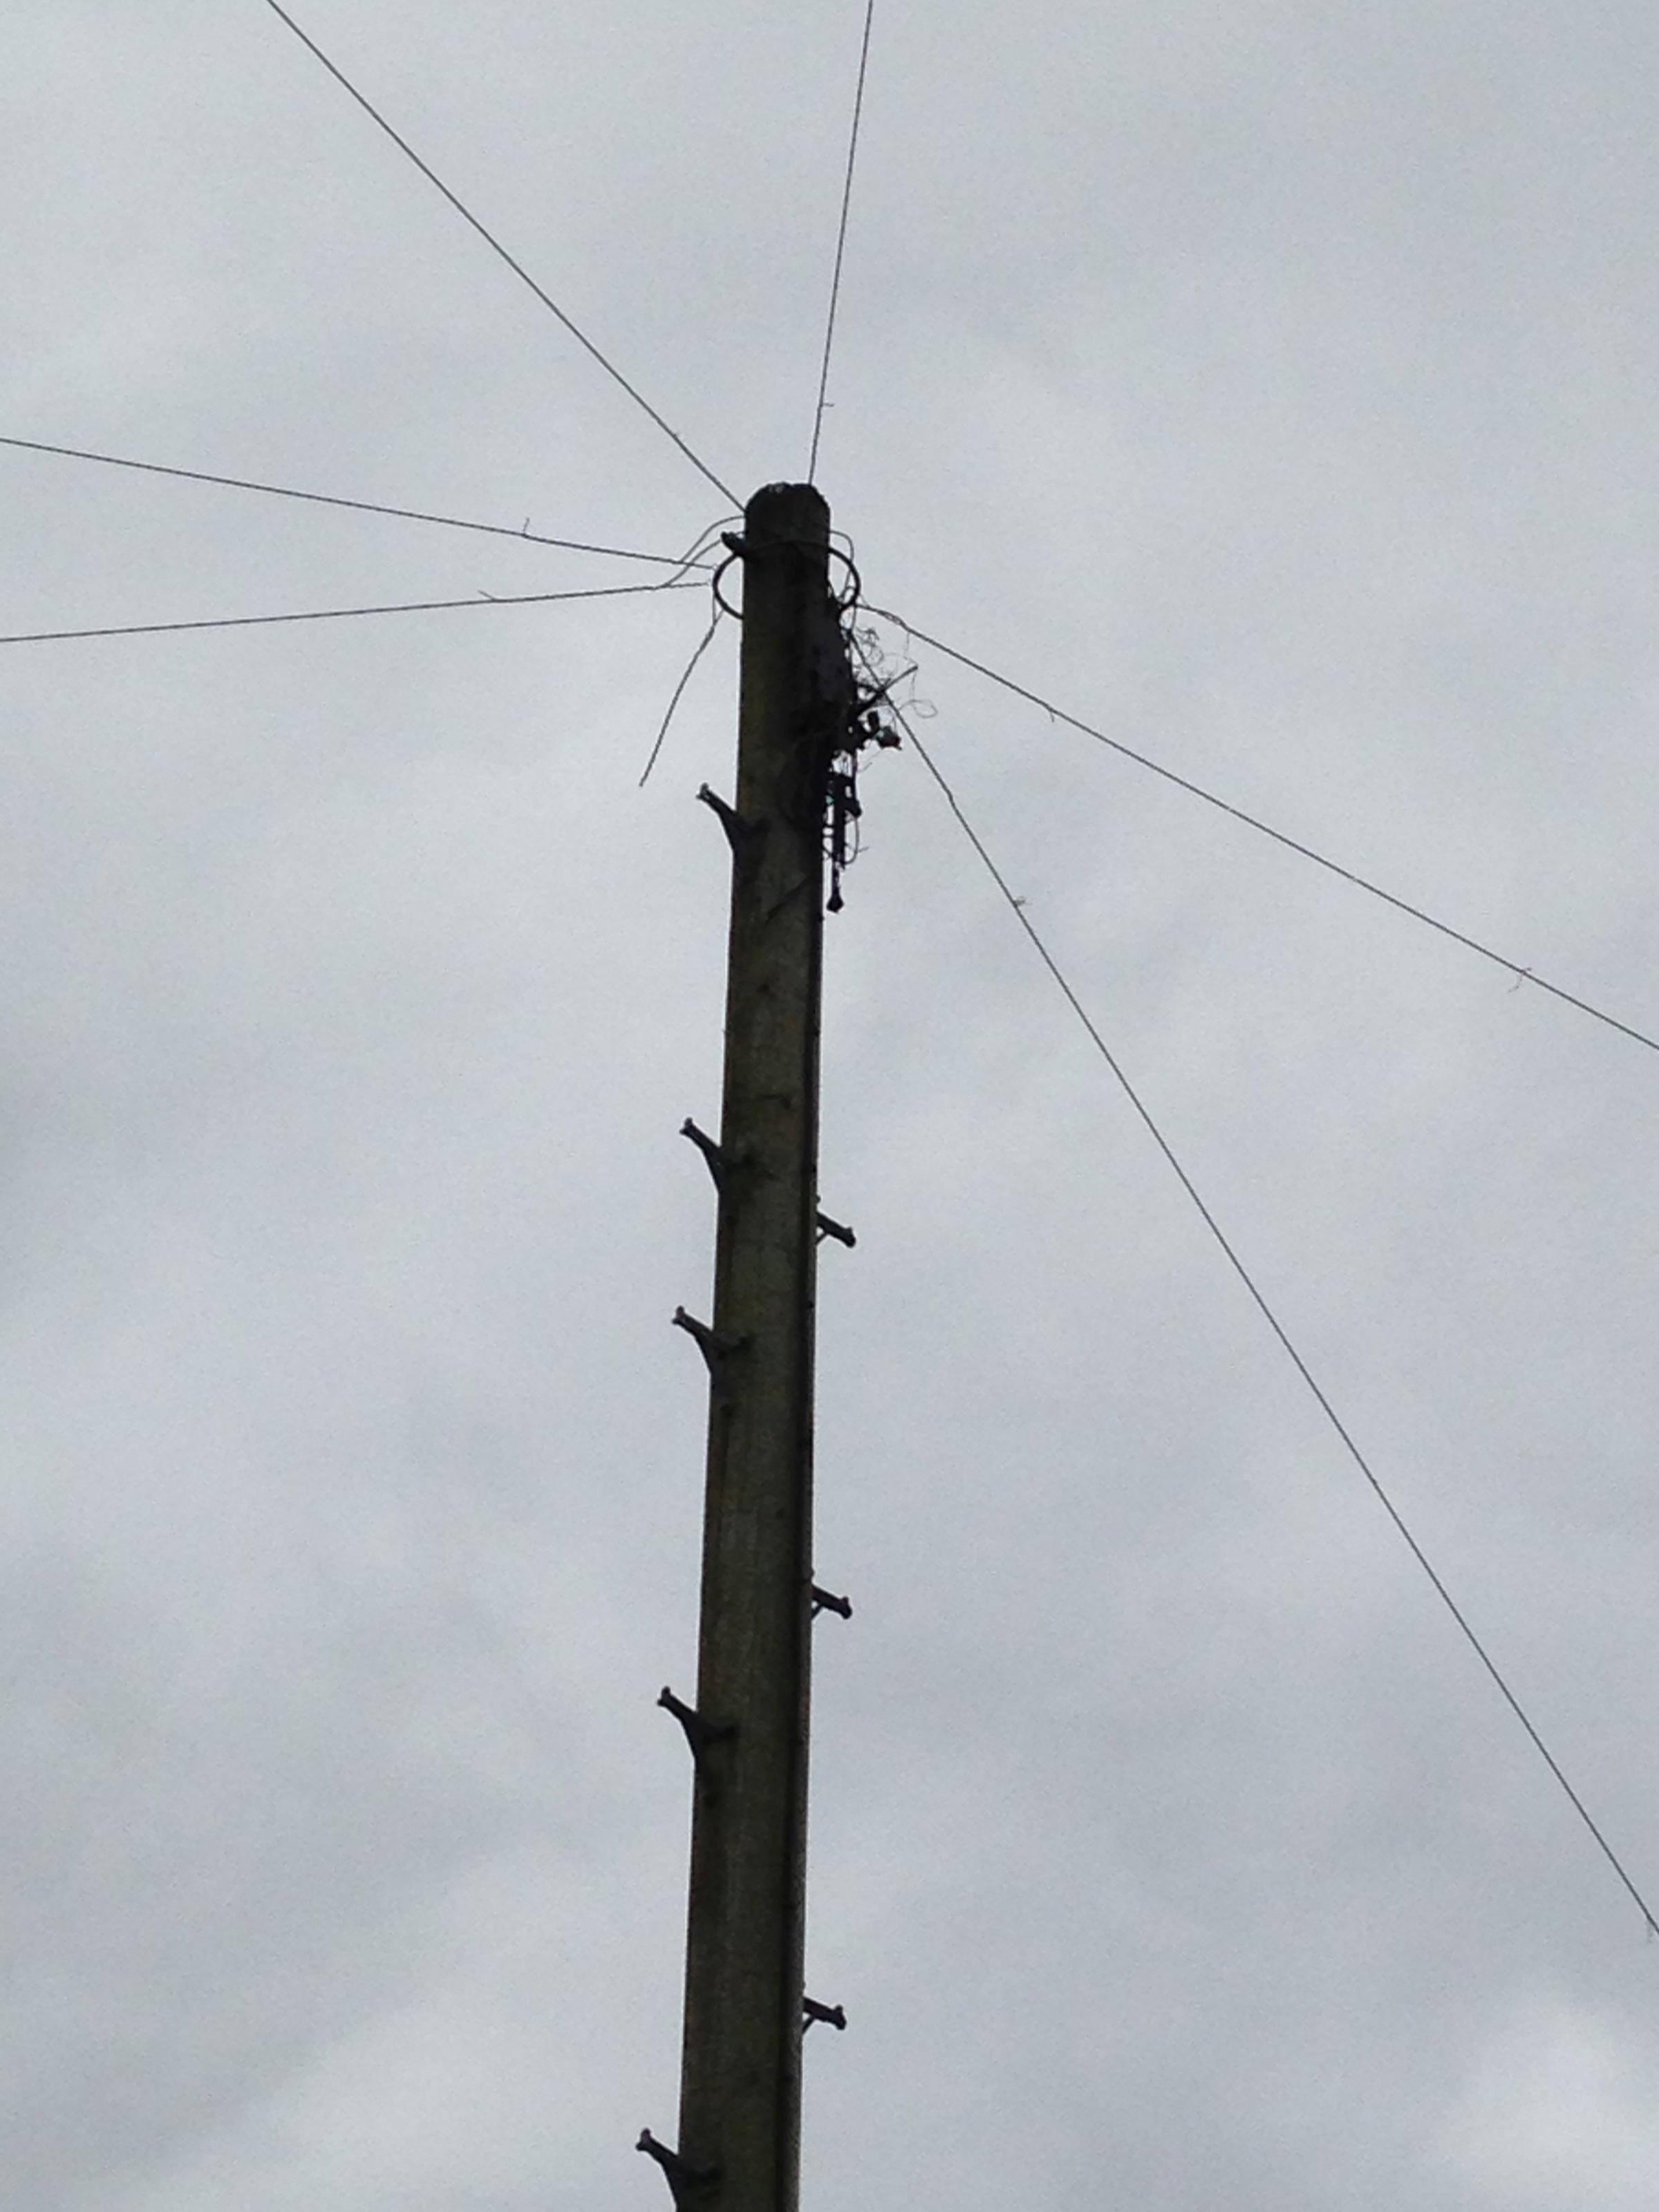 Driver crashes into telegraph pole in Willand   York Press